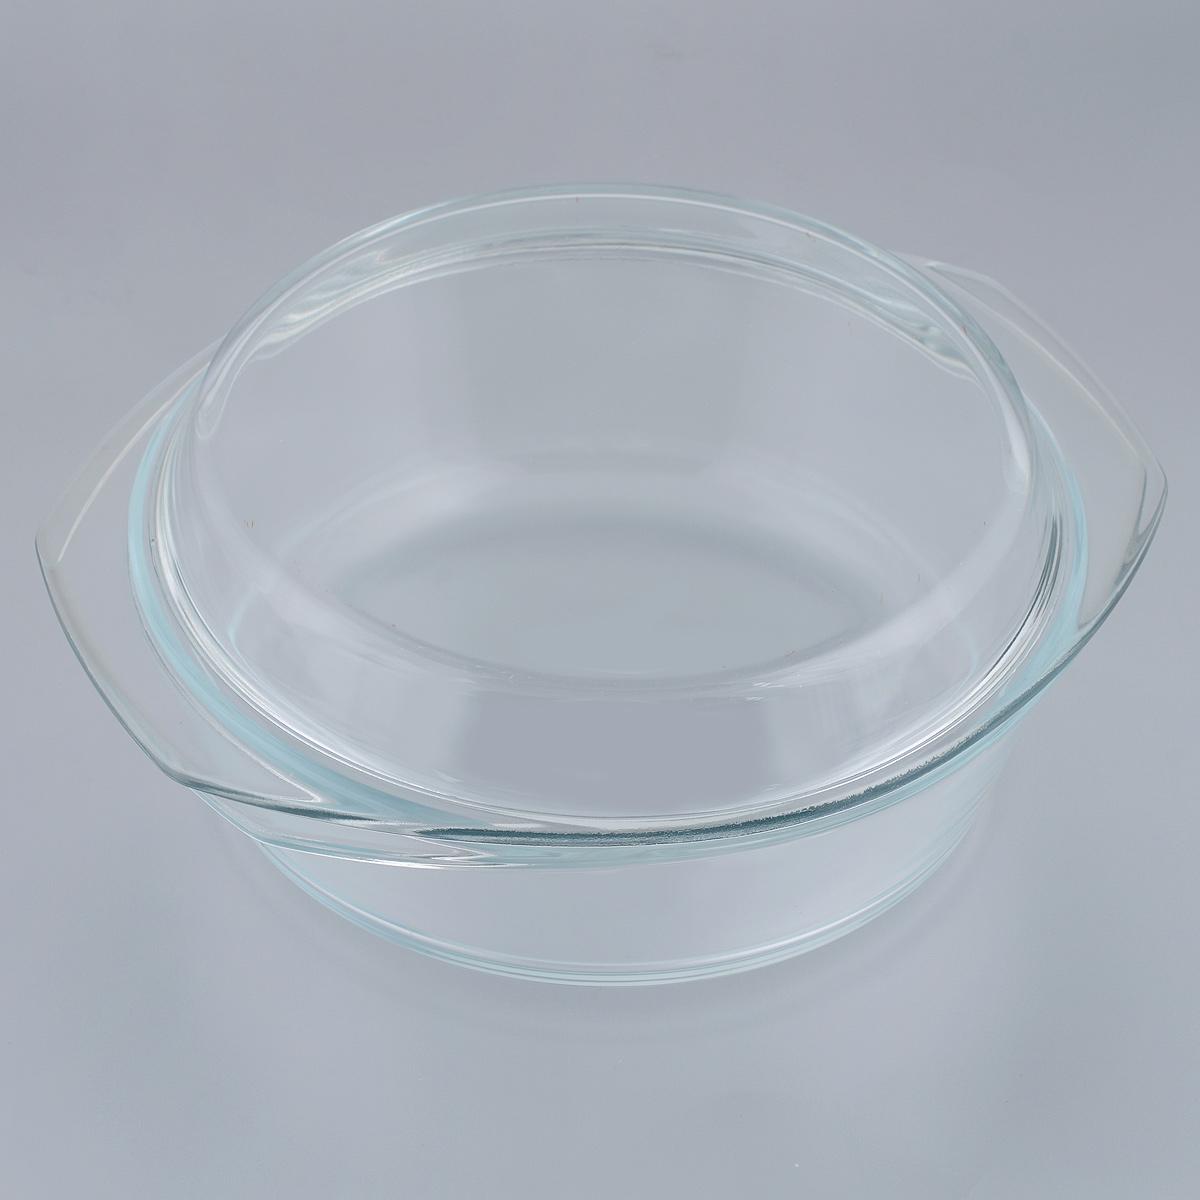 """Кастрюля """"Mijotex"""" изготовлена из экологически чистого жаропрочного стекла и оснащена крышкой, которую также можно использовать как отдельную емкость. Стекло - самый безопасный для здоровья материал. Посуда из стекла не вступает в реакцию с готовящейся пищей, а потому не выделяет никаких вредных веществ, не подвергается воздействию кислот и солей. Из-за невысокой теплопроводности пища в стеклянной посуде гораздо медленнее остывает. Стеклянная посуда очень удобна для приготовления, разогрева и хранения самых разнообразных блюд: супов, вторых блюд, десертов. Используя такую кастрюлю, вы можете не только приготовить в ней пищу, но и подать ее к столу, не меняя посуды. Благодаря гладкой идеально ровной поверхности посуда легко моется. Допускается нагрев посуды до 400°С.Можно использовать в микроволновой печи, духовом шкафу, на газовых конфорках и электроплитах. Можно использовать для хранения в холодильнике и морозильной камере. Можно мыть в посудомоечной машине. Высота стенок кастрюли: 7,5 см. Высота кастрюли (с учетом крышки): 11,5 см. Ширина кастрюли (с учетом ручек): 28 см. Толщина стенок: 6 мм.Толщина дна: 6 мм."""